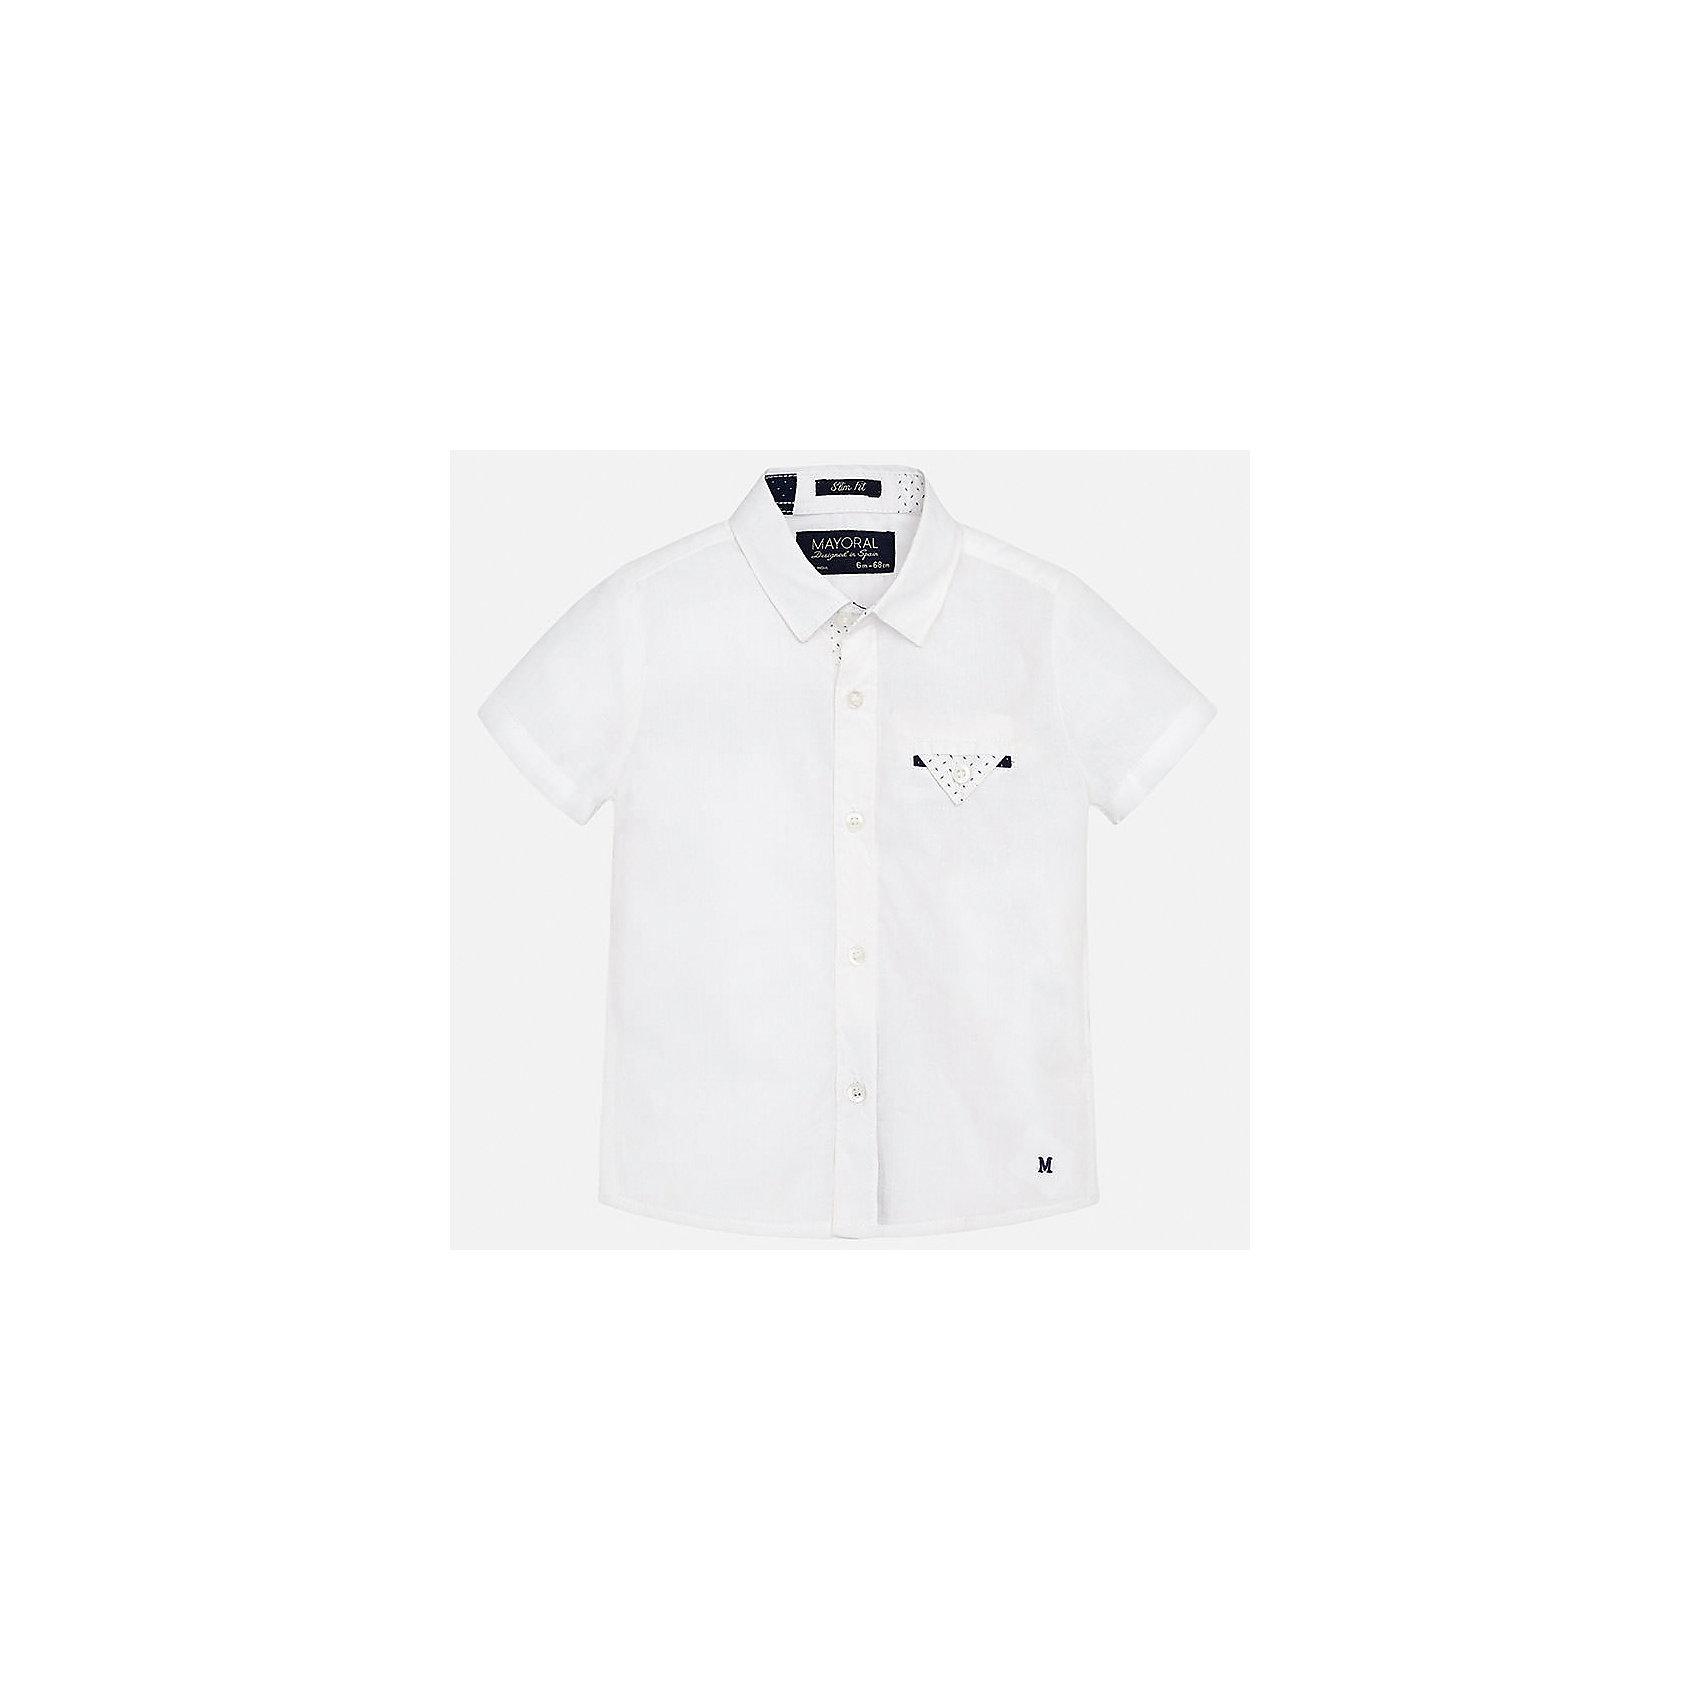 Рубашка для мальчика MayoralБлузки и рубашки<br>Характеристики товара:<br><br>• цвет: белый<br>• состав: 100% хлопок<br>• отложной воротник<br>• короткие рукава<br>• застежка: пуговицы<br>• карман на груди<br>• страна бренда: Испания<br><br>Красивая рубашка может отлично дополнить гардероб ребенка. Она хорошо сочетается с брюками, шортами, джинсами и т.д. Универсальный крой и цвет позволяет подобрать к вещи низ разных расцветок. Практичное и стильное изделие! В составе материала - только натуральный хлопок, гипоаллергенный, приятный на ощупь, дышащий.<br><br>Одежда, обувь и аксессуары от испанского бренда Mayoral полюбились детям и взрослым по всему миру. Модели этой марки - стильные и удобные. Для их производства используются только безопасные, качественные материалы и фурнитура. Порадуйте ребенка модными и красивыми вещами от Mayoral! <br><br>Рубашку для мальчика от испанского бренда Mayoral (Майорал) можно купить в нашем интернет-магазине.<br><br>Ширина мм: 174<br>Глубина мм: 10<br>Высота мм: 169<br>Вес г: 157<br>Цвет: белый<br>Возраст от месяцев: 12<br>Возраст до месяцев: 15<br>Пол: Мужской<br>Возраст: Детский<br>Размер: 80,92,86<br>SKU: 5279464